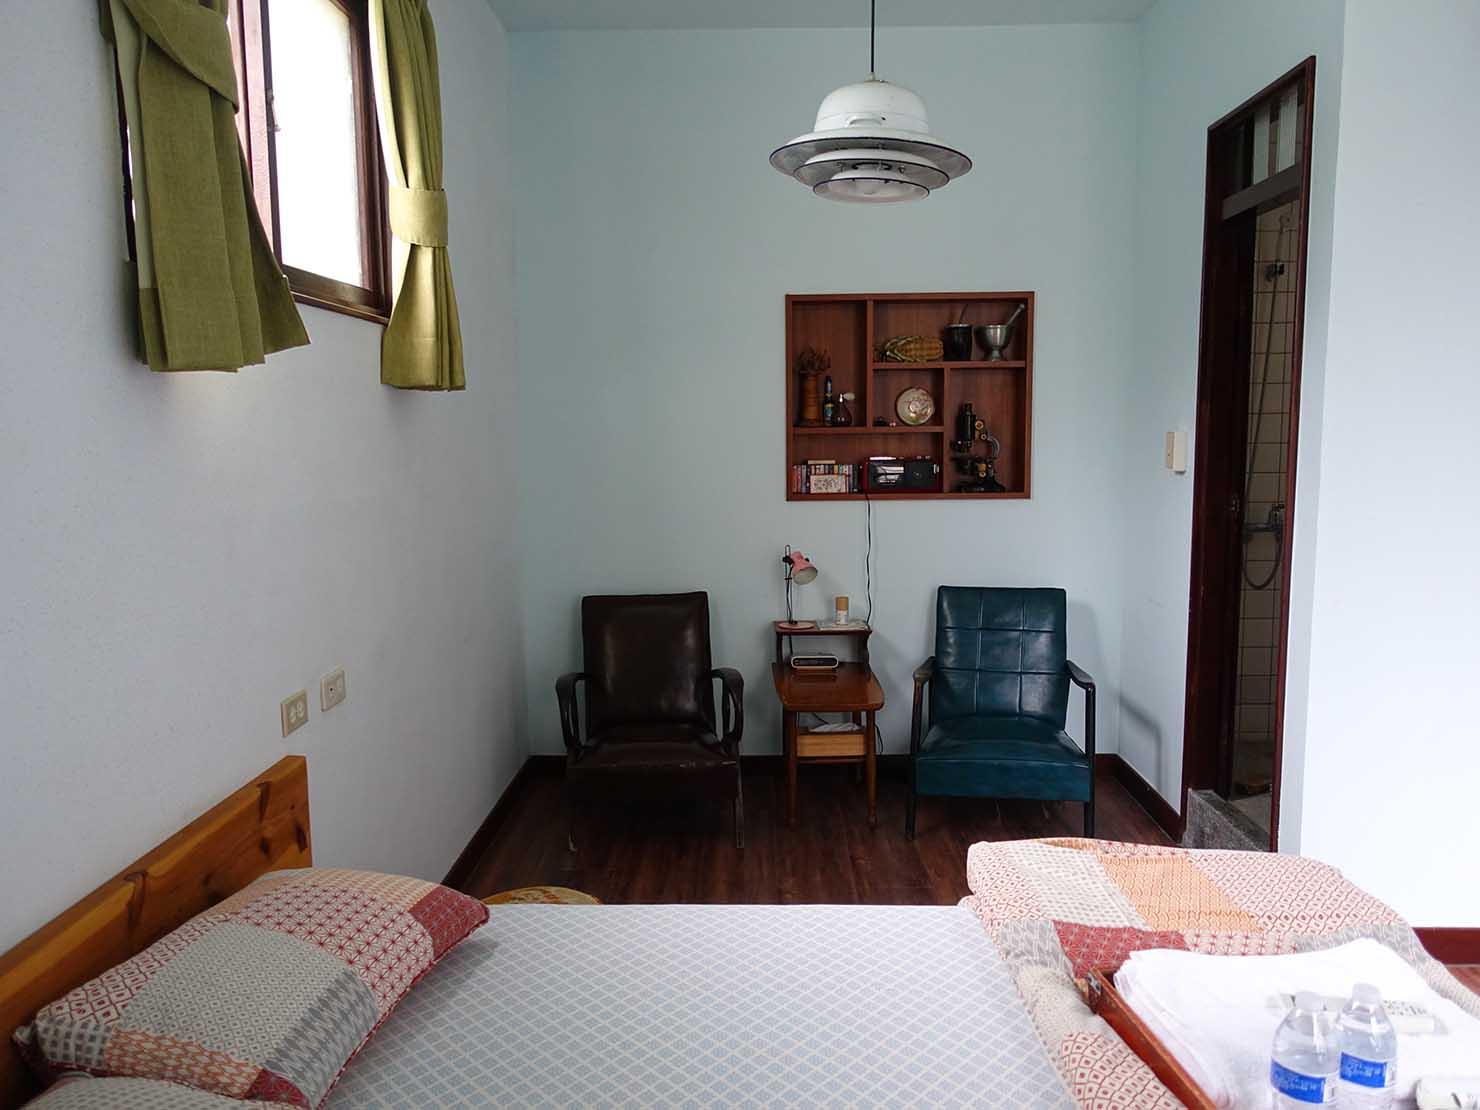 台南観光におすすめな古民家ゲストハウス「散步strolling」參號房(ダブルルーム)ベッド側から見た部屋